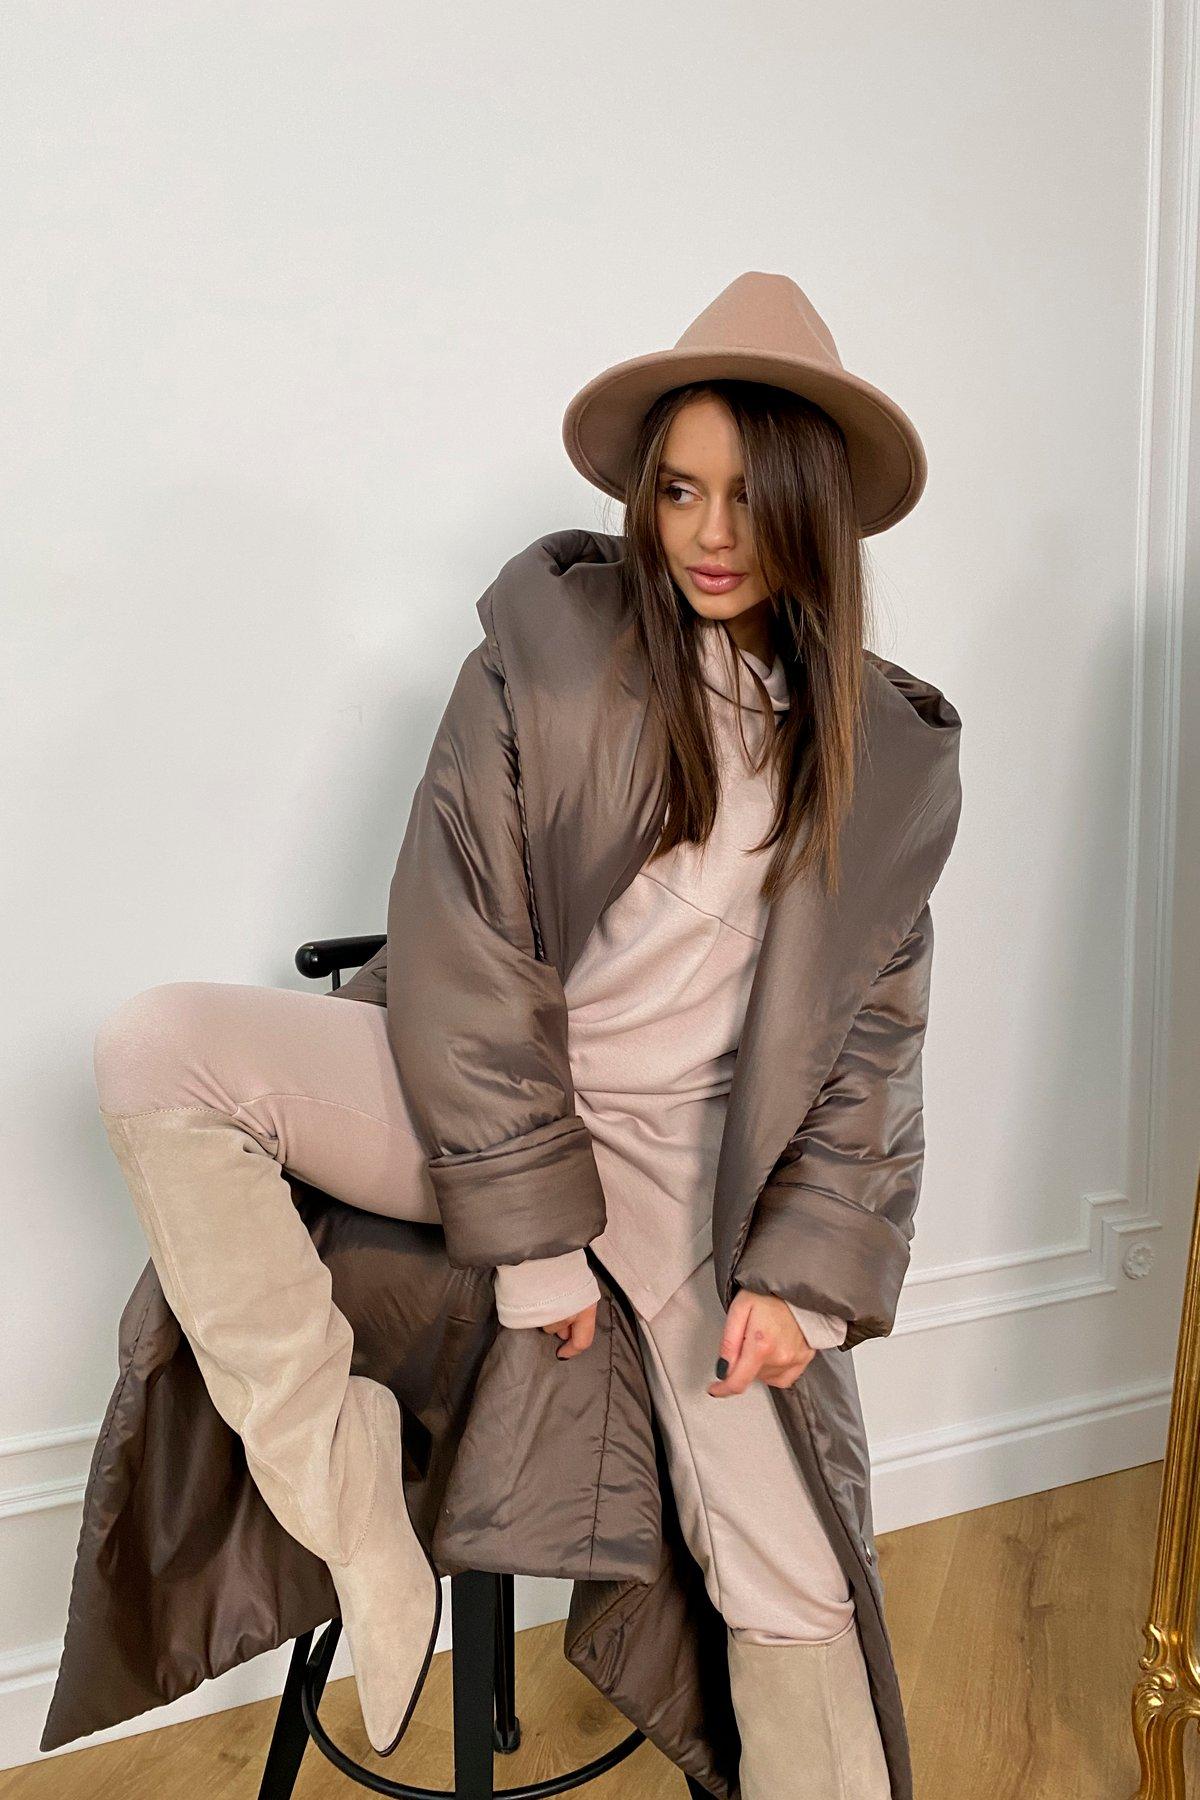 Берлин пальто зимнее из плащевой ткани, стеганое 10082 АРТ. 46395 Цвет: Шоколад/хамелеон - фото 7, интернет магазин tm-modus.ru